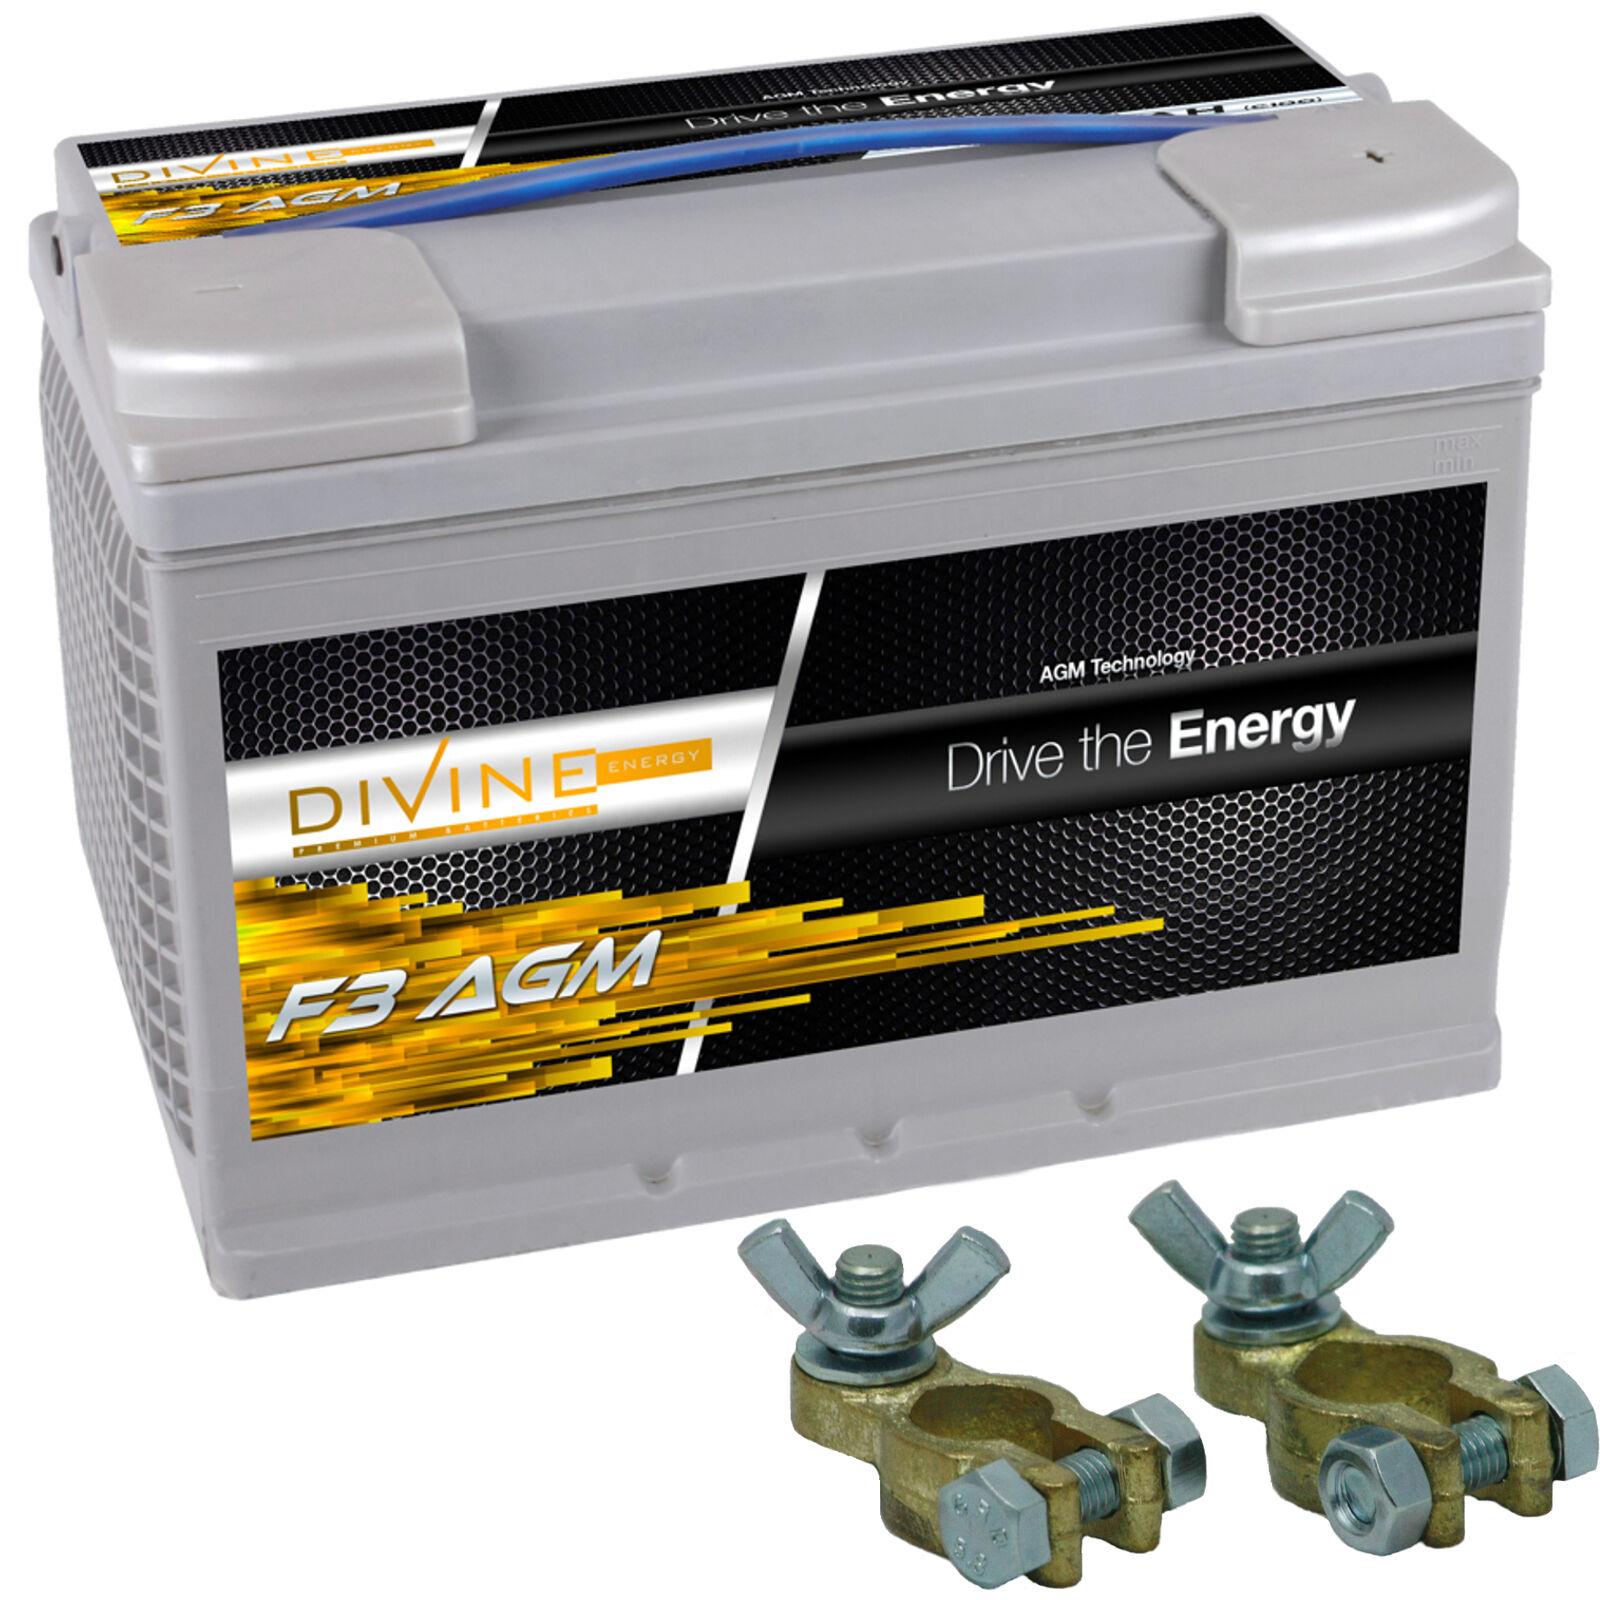 Divine F3 75Ah 75Ah 75Ah AGM Verbraucherbatterie mit Batterieklemmen ersetzt 70, 80ah 34a656